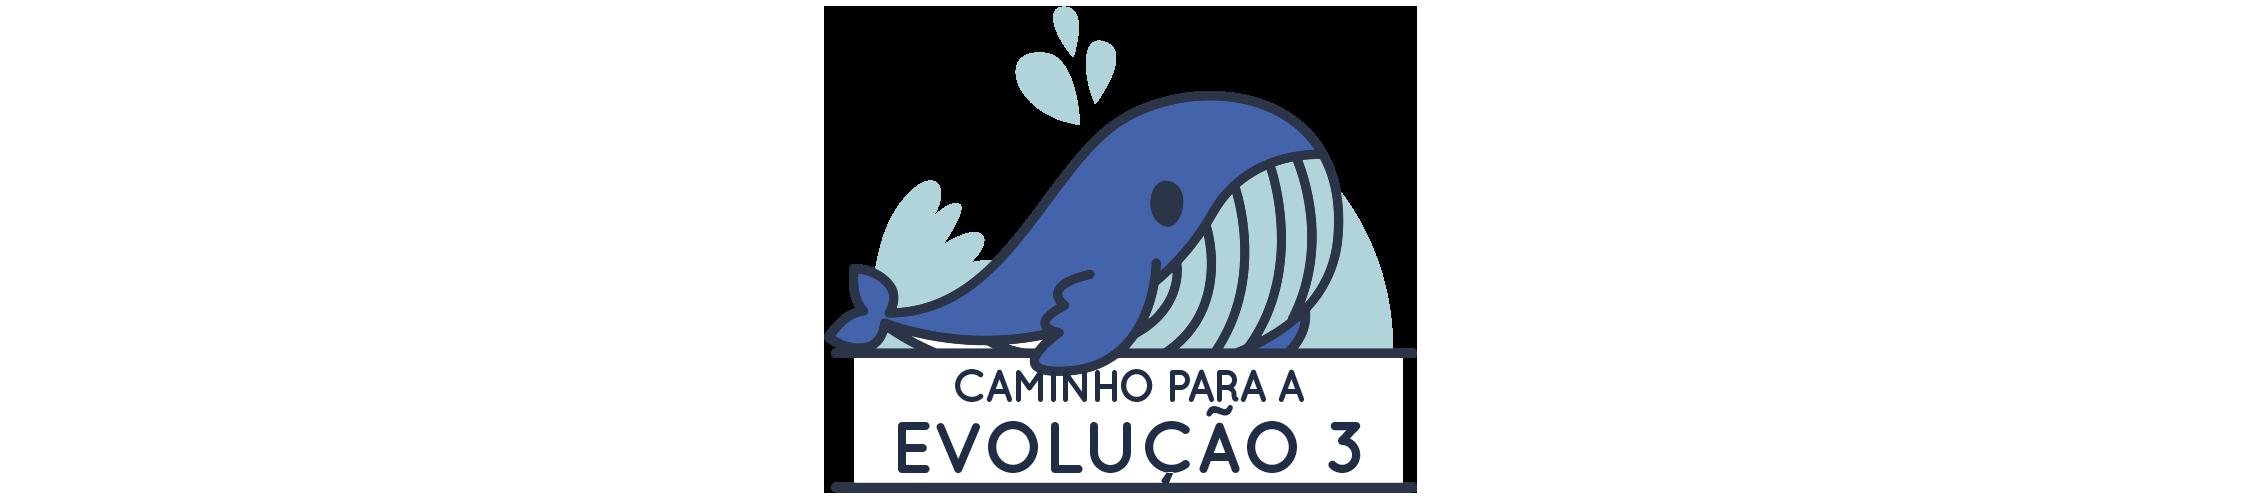 CAMINHO PARA A EVOLUÇÃO 3